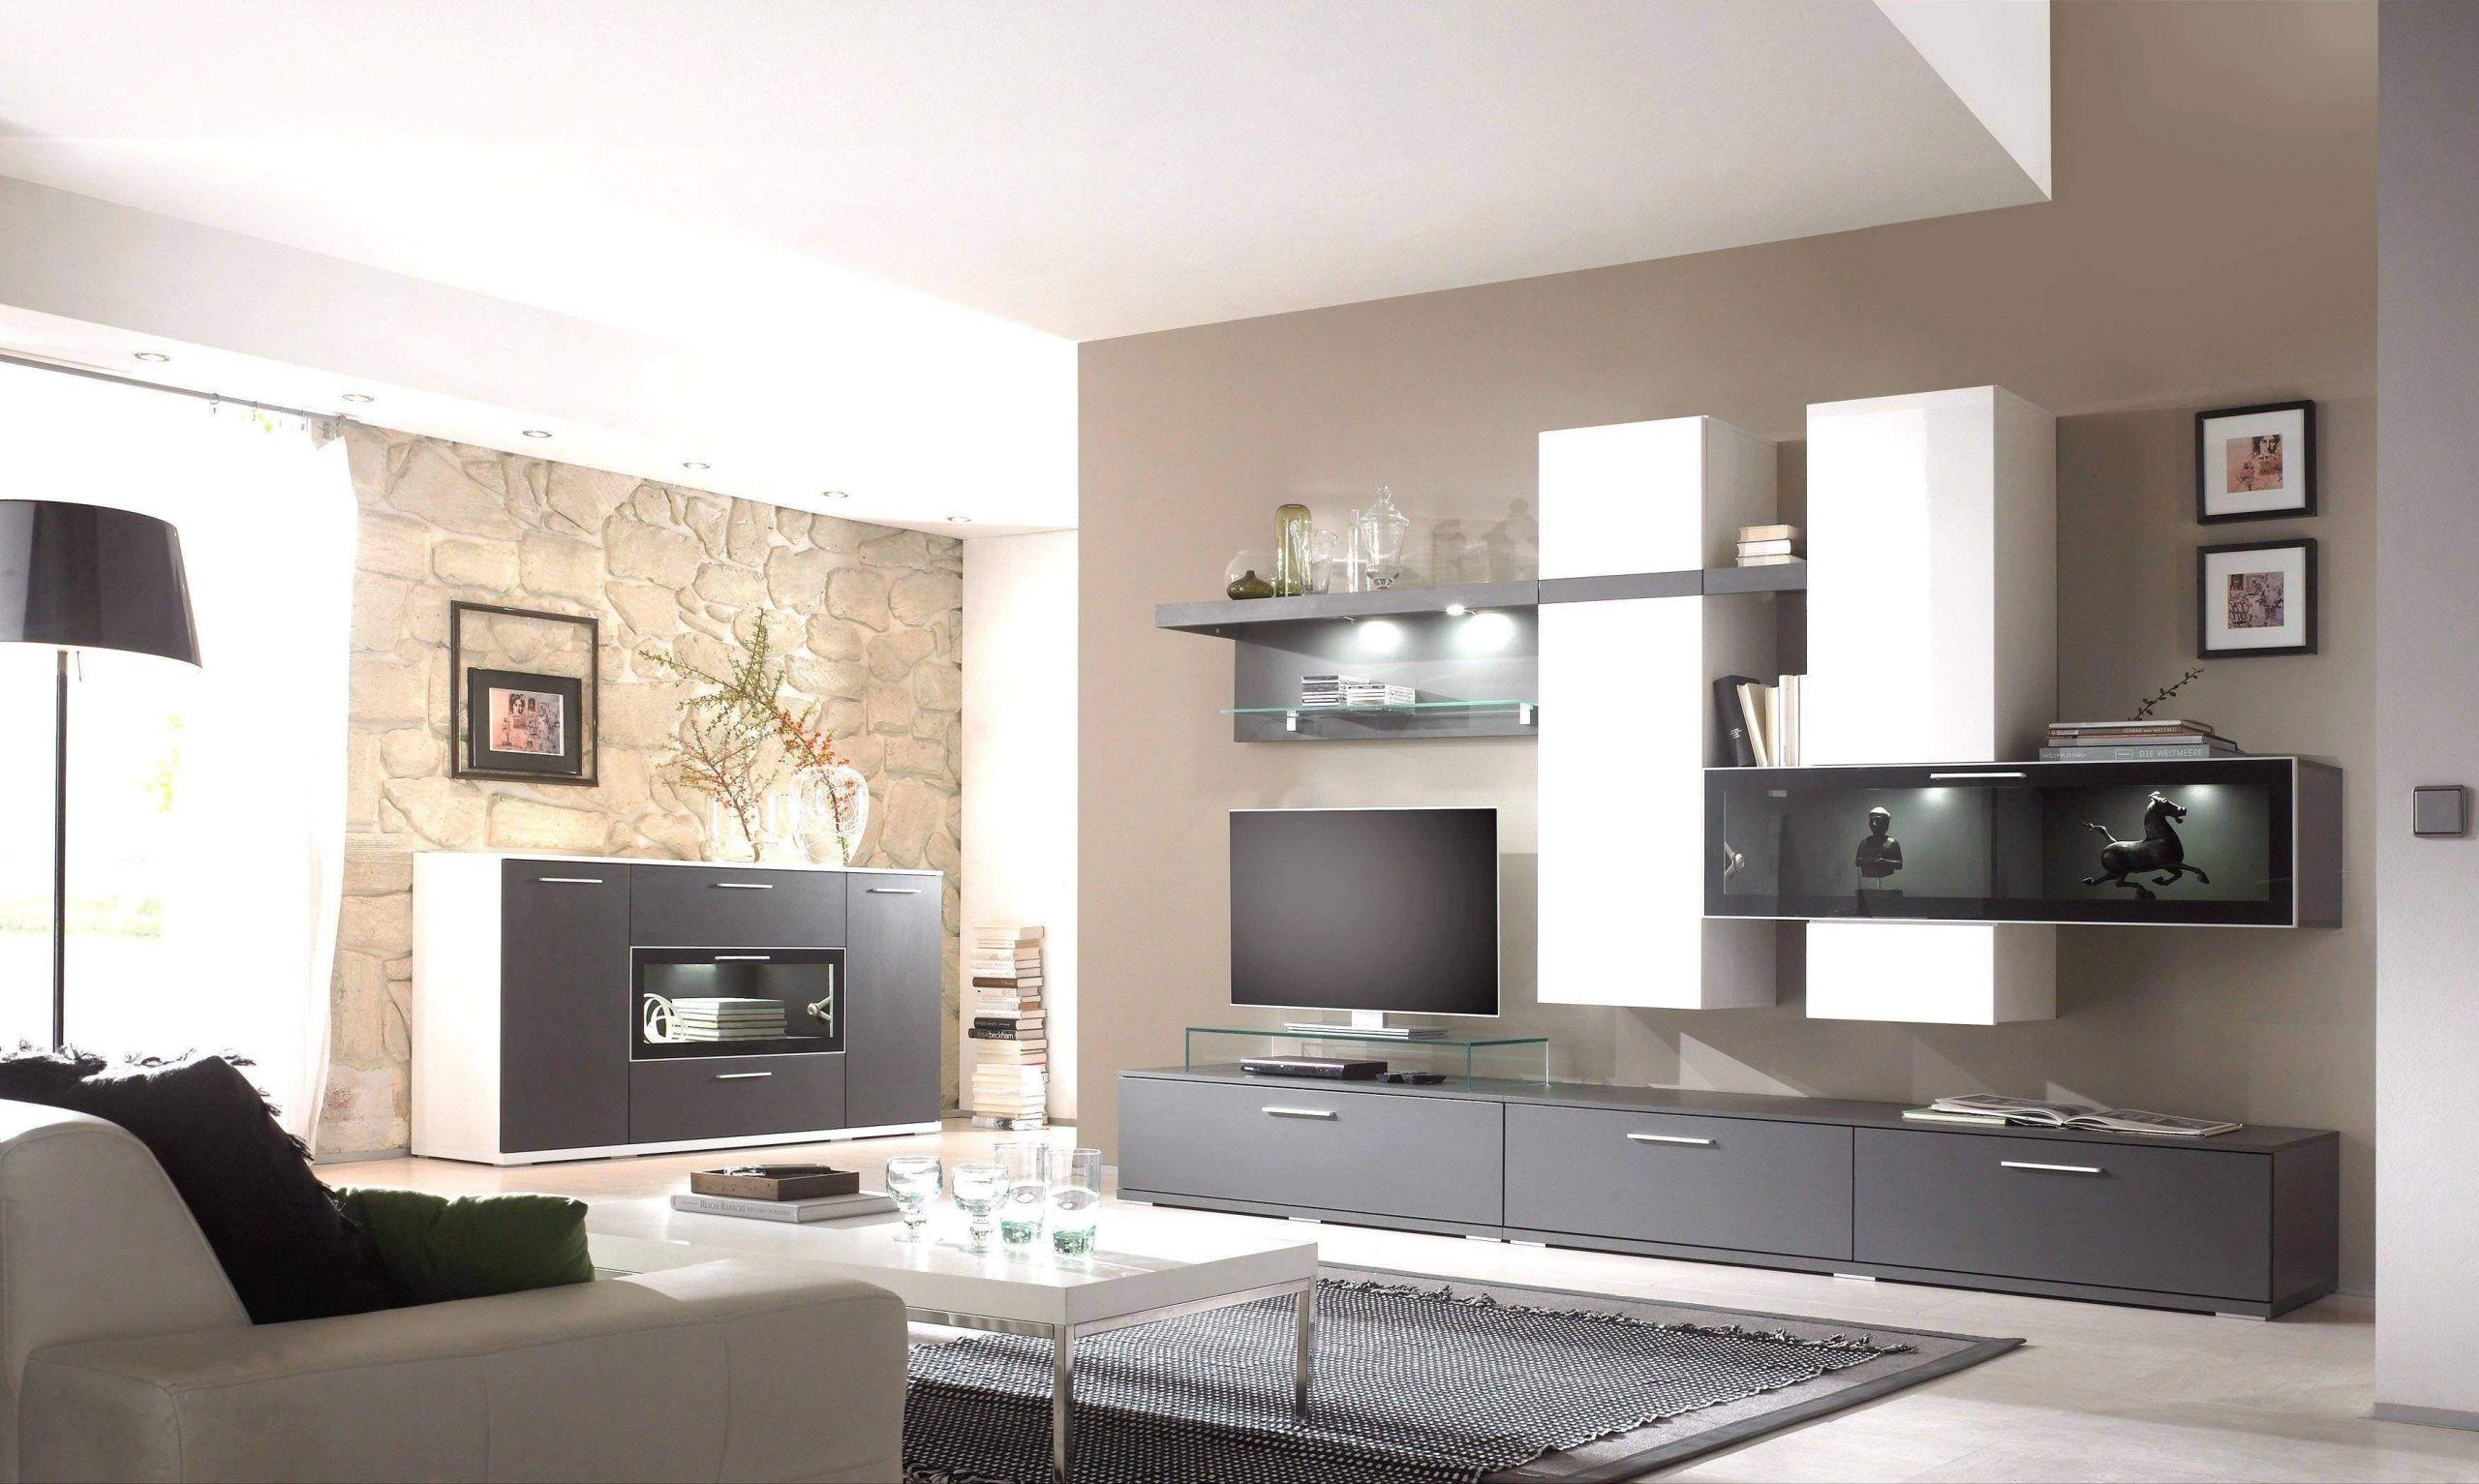 tapeten wohnzimmer obi inspirierend wohnzimmer schrankwand design einzigartig of tapeten wohnzimmer obi